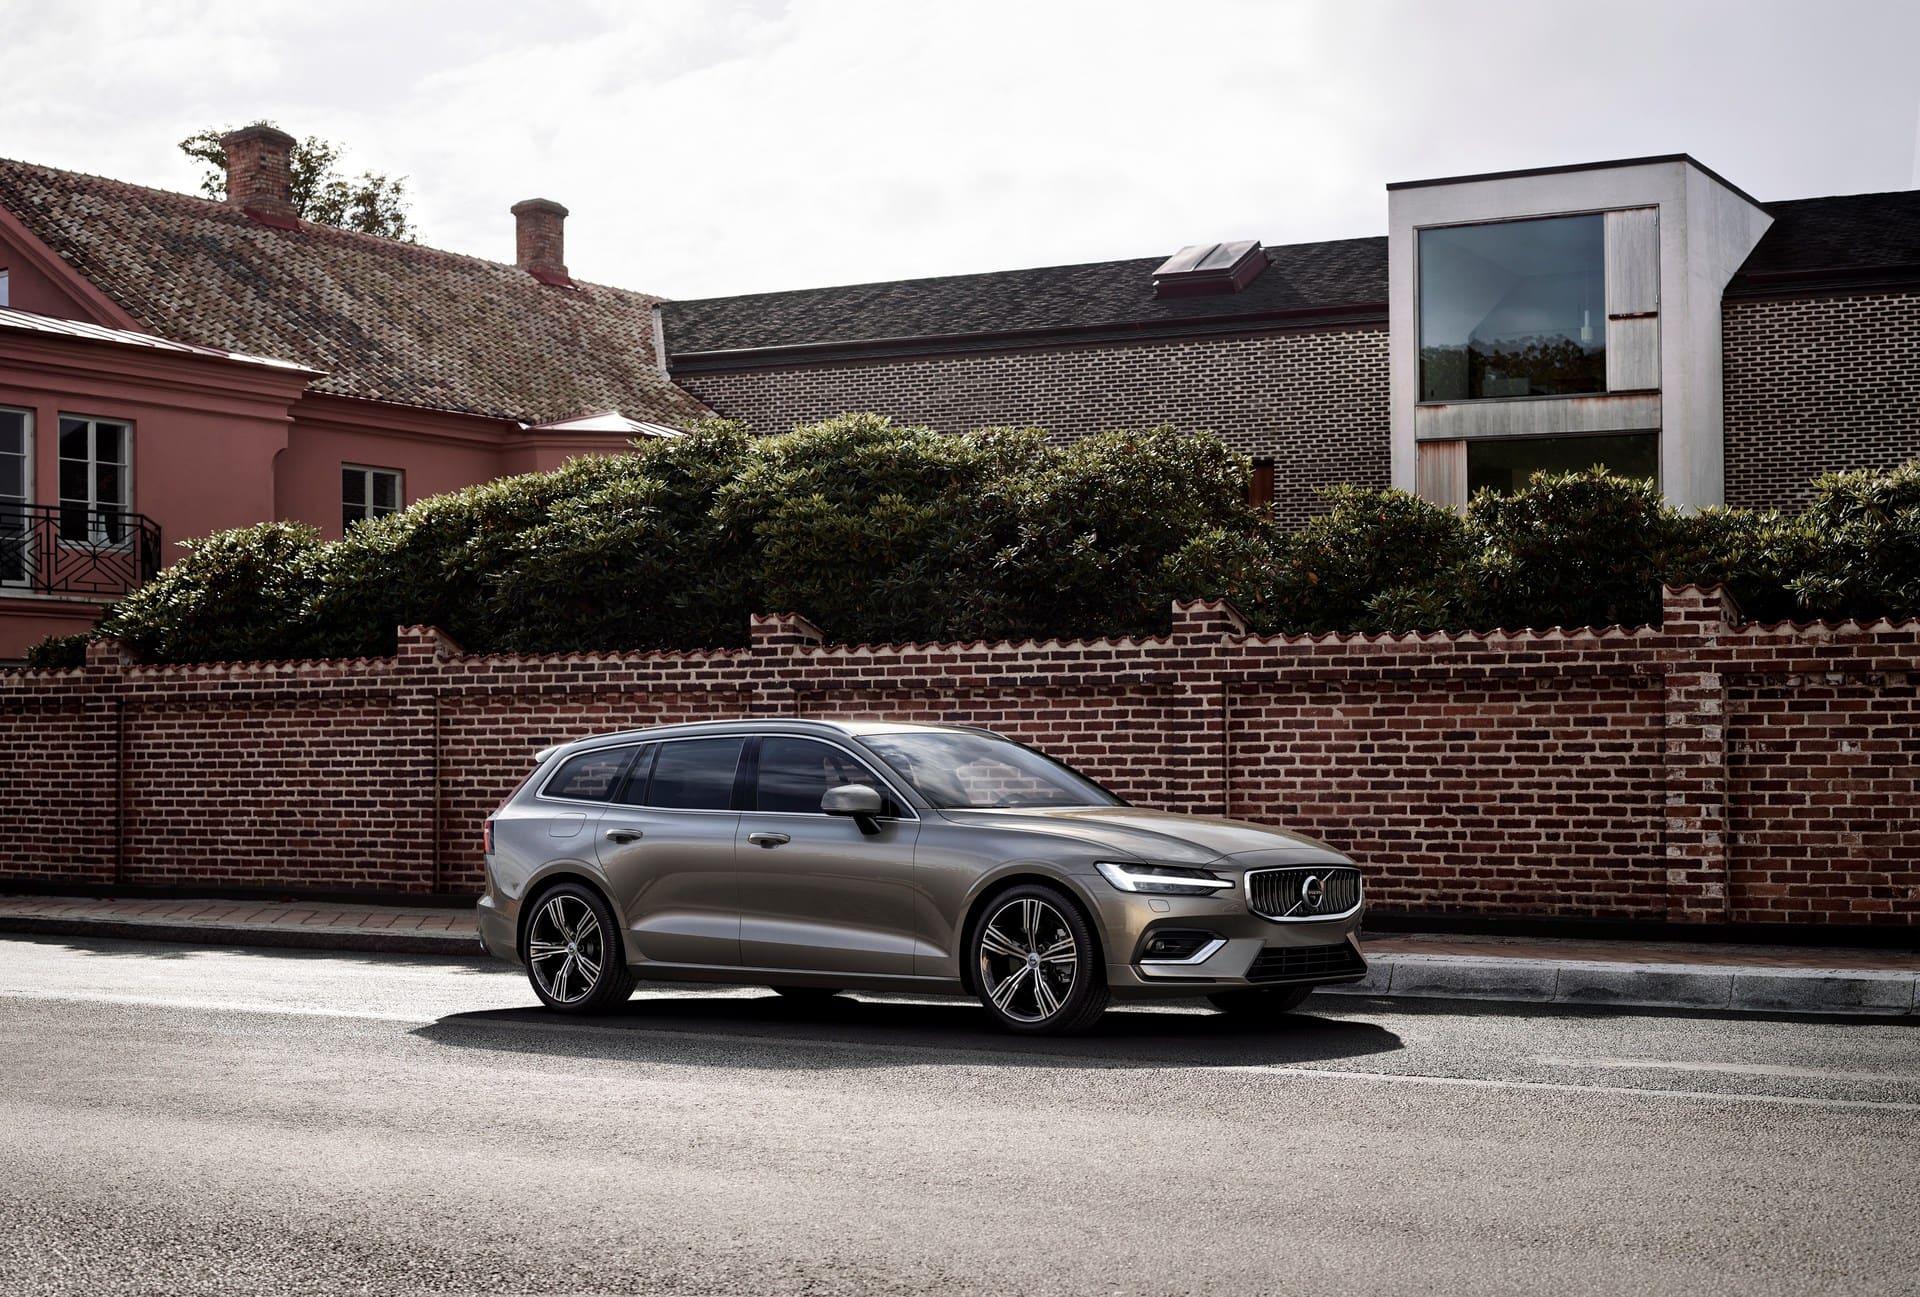 2019 Volvo V60 Cross Country >> Genf 2018: Volvo V60 gibt es auch im Abo - AutoSprintCH